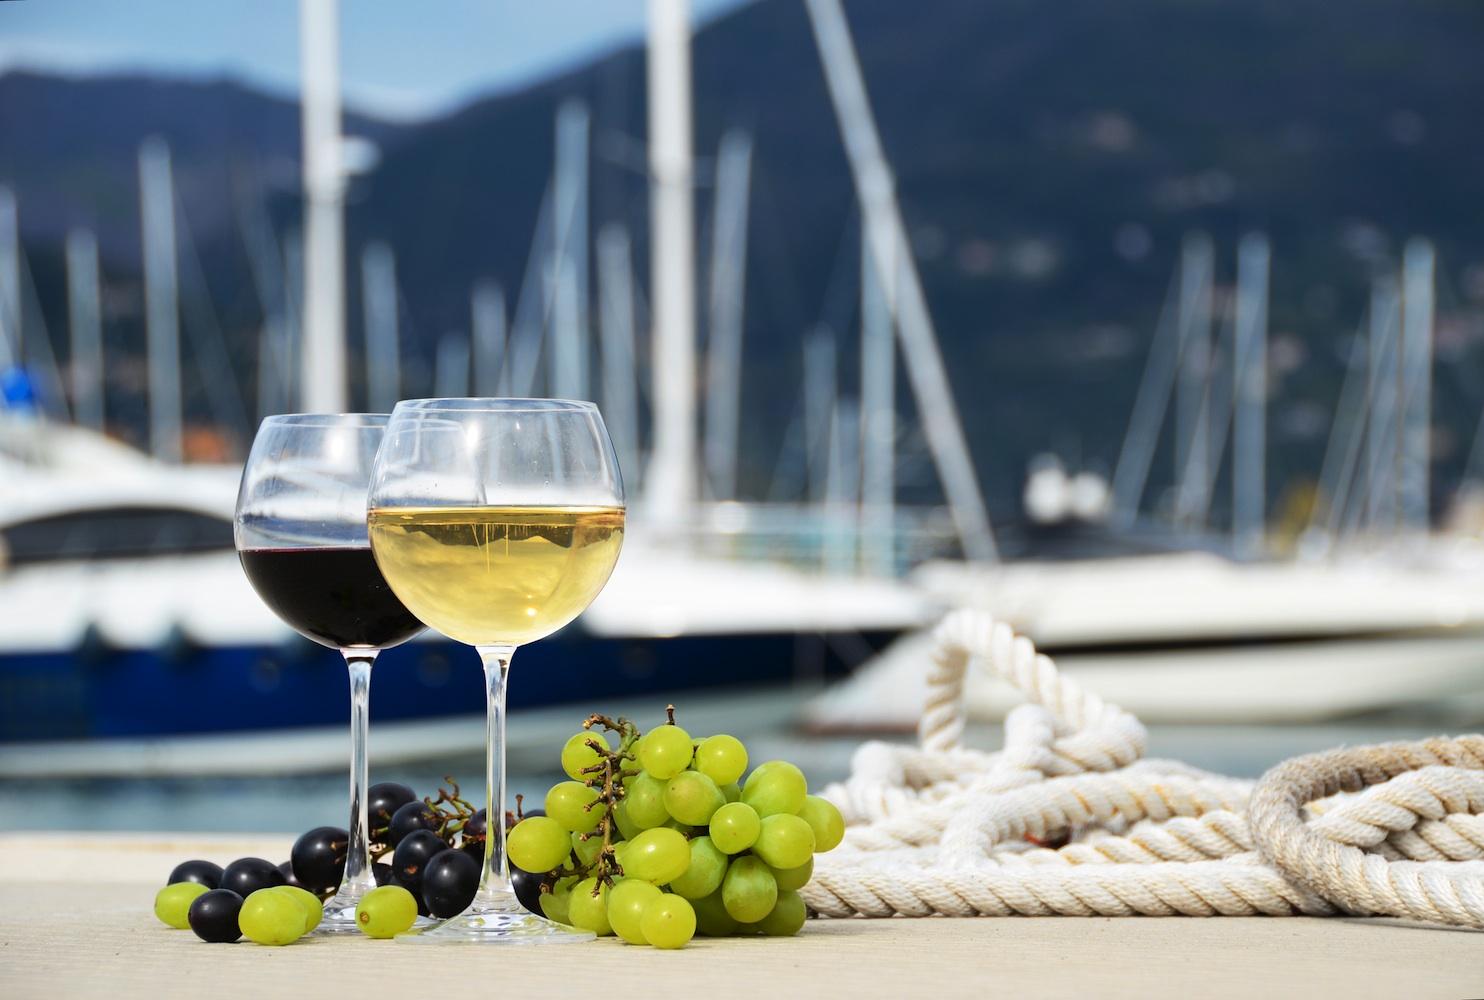 cata de vinos en velero